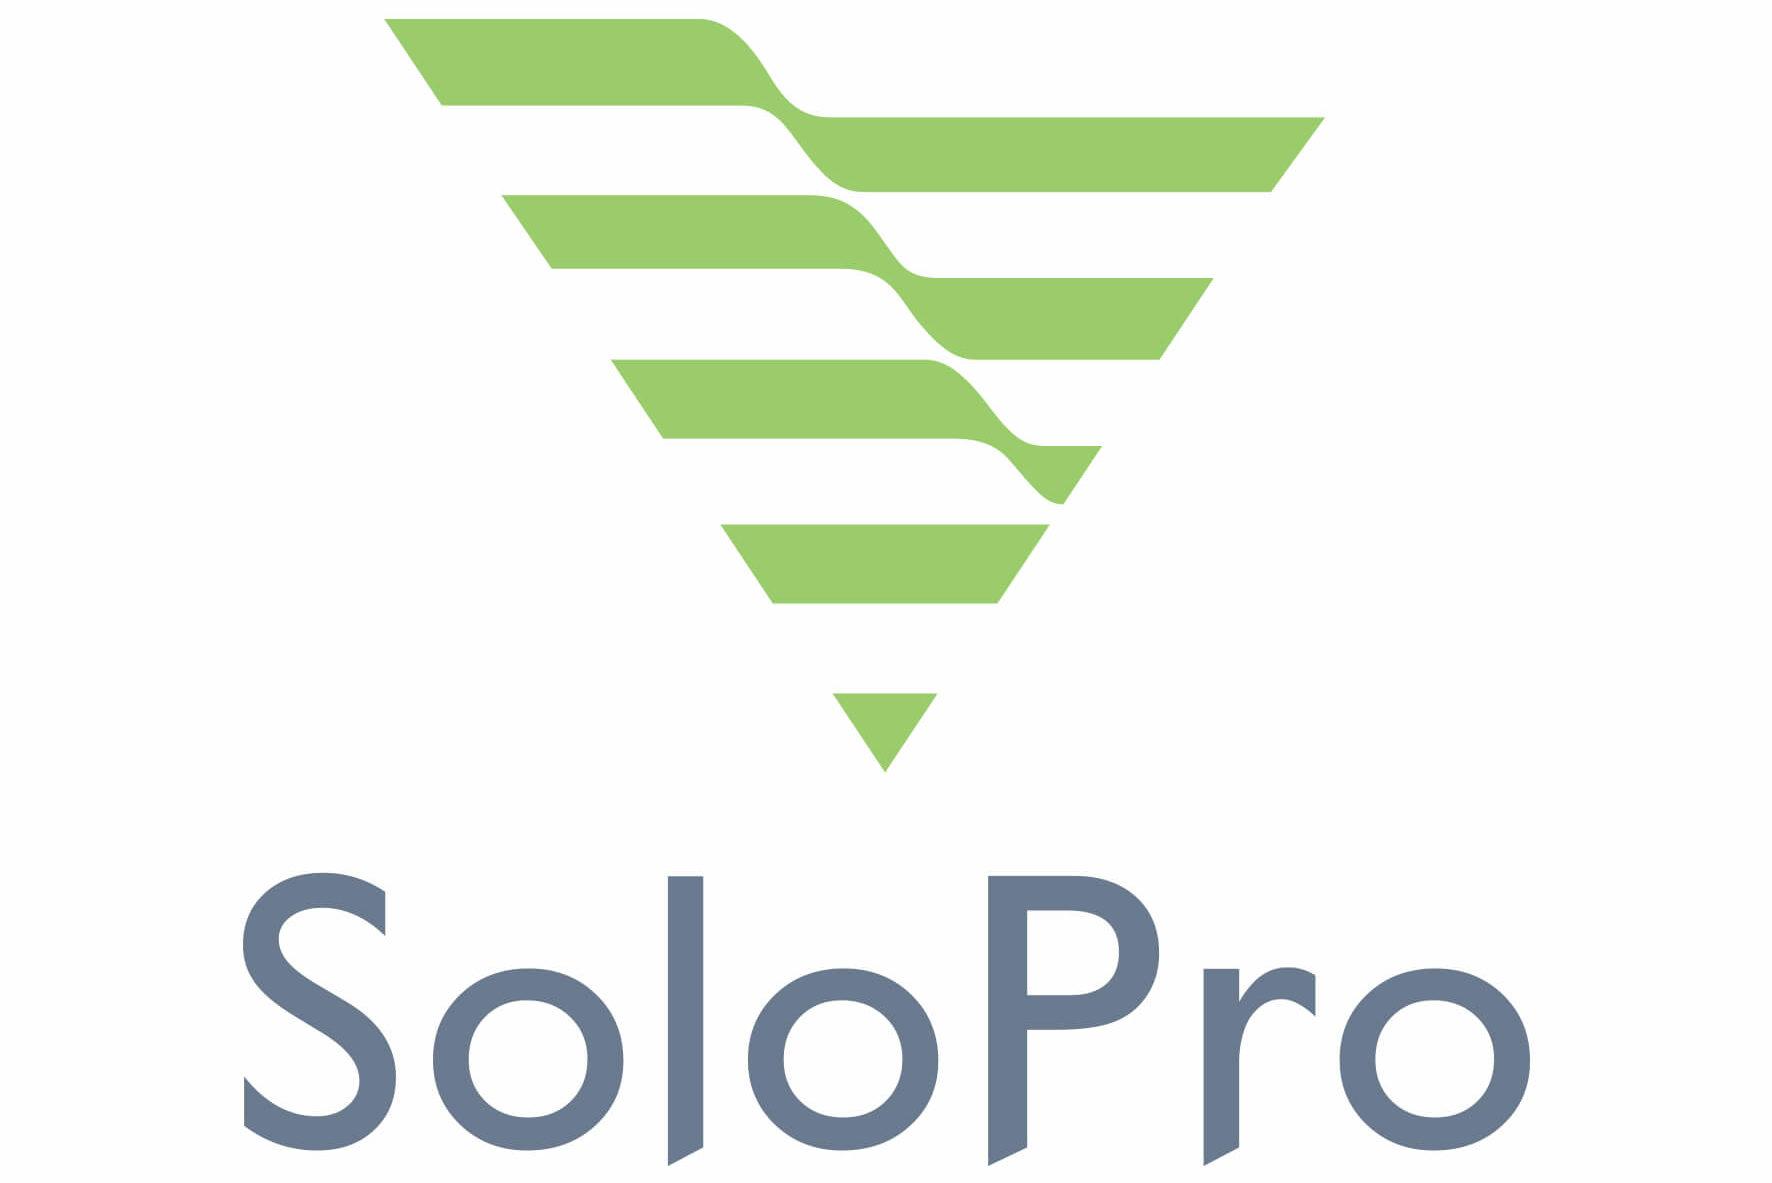 プロの働き方発信サイト「SoloPro (ソロプロ)」